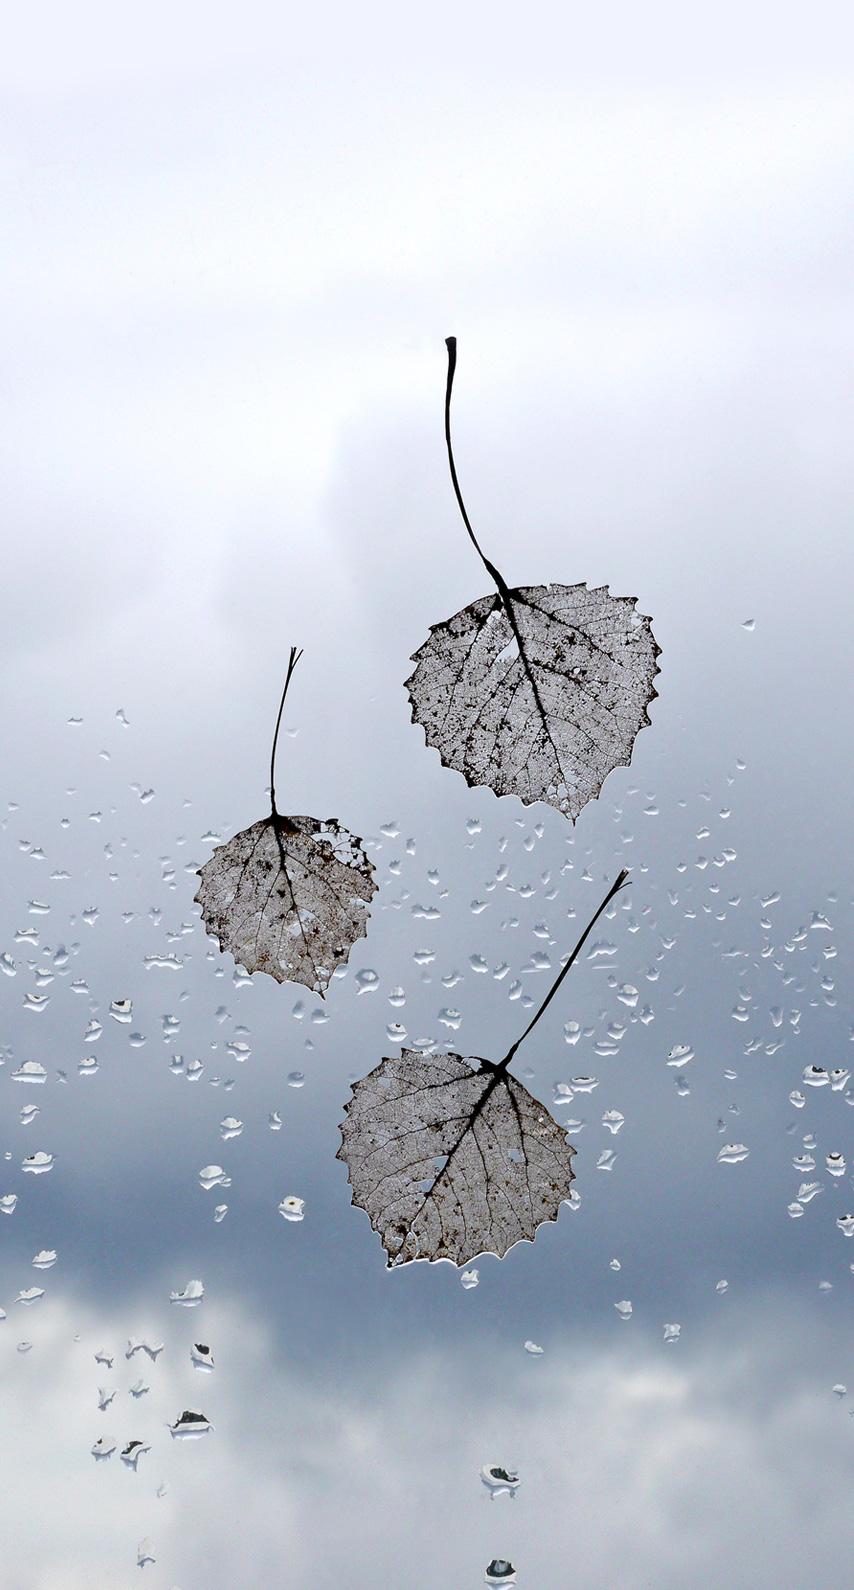 art, summer, window, desktop, no person, color, weather, reflection, season, cold, calm, twig